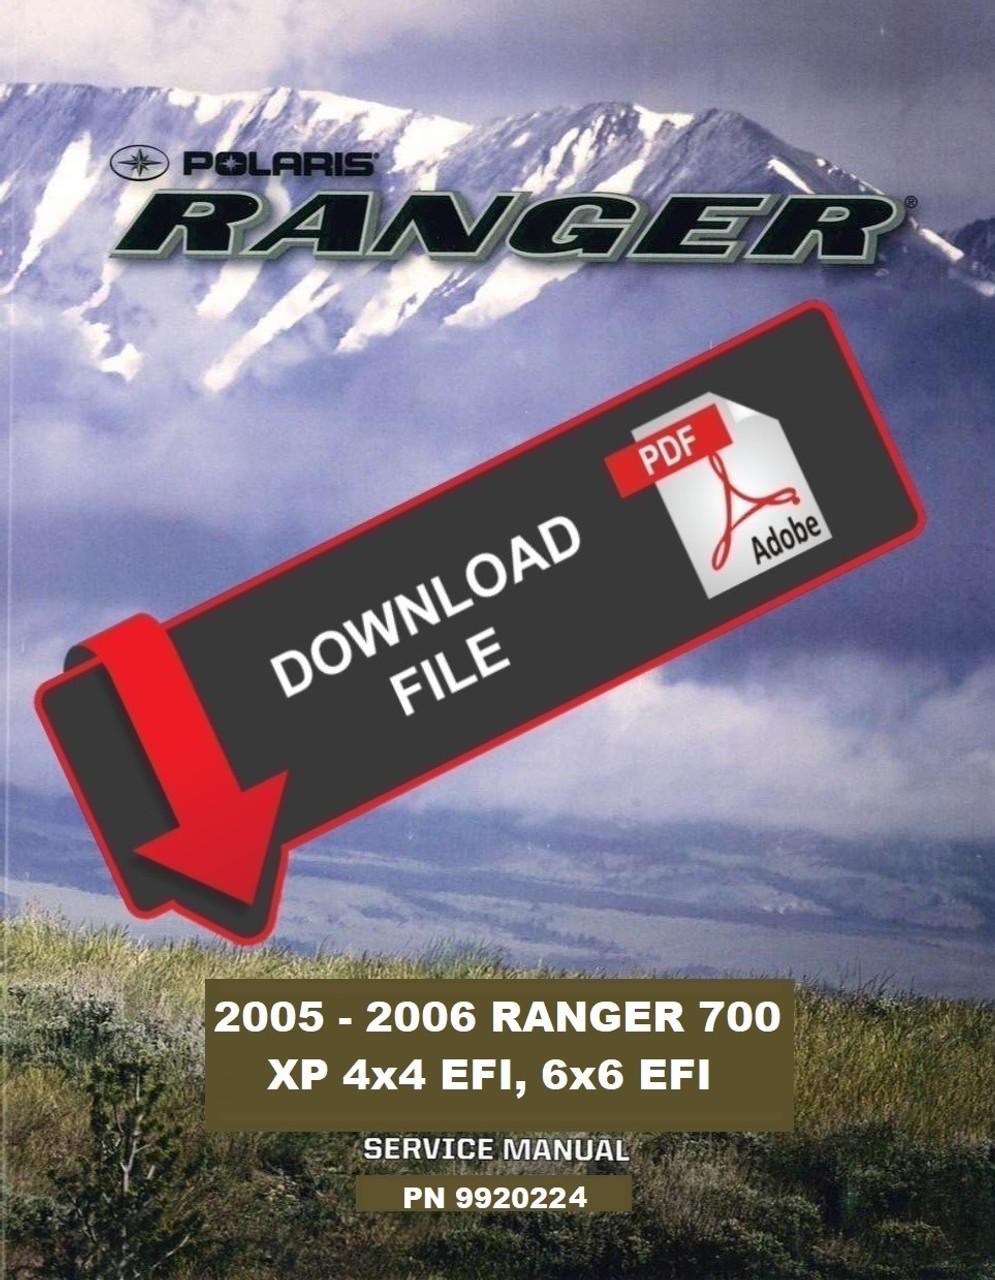 polaris 2006 ranger xp 700 6x6 service manual